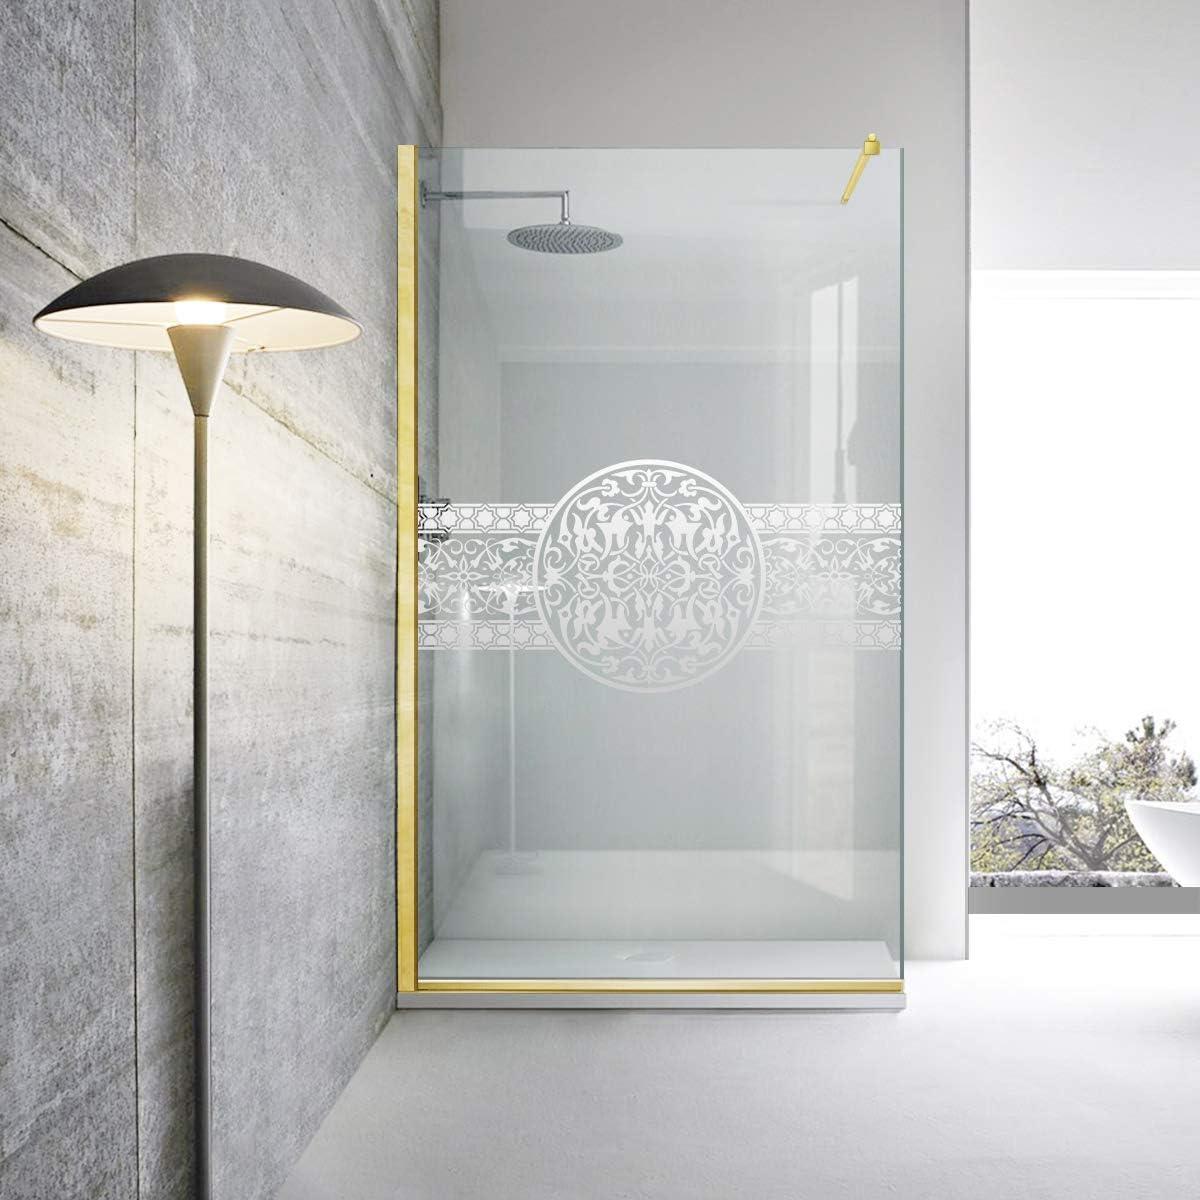 Modern Glass Art Leroy Timeless -Lyrics - Mampara de ducha (8 mm, cristal templado de seguridad), color dorado, transparente: Amazon.es: Bricolaje y herramientas